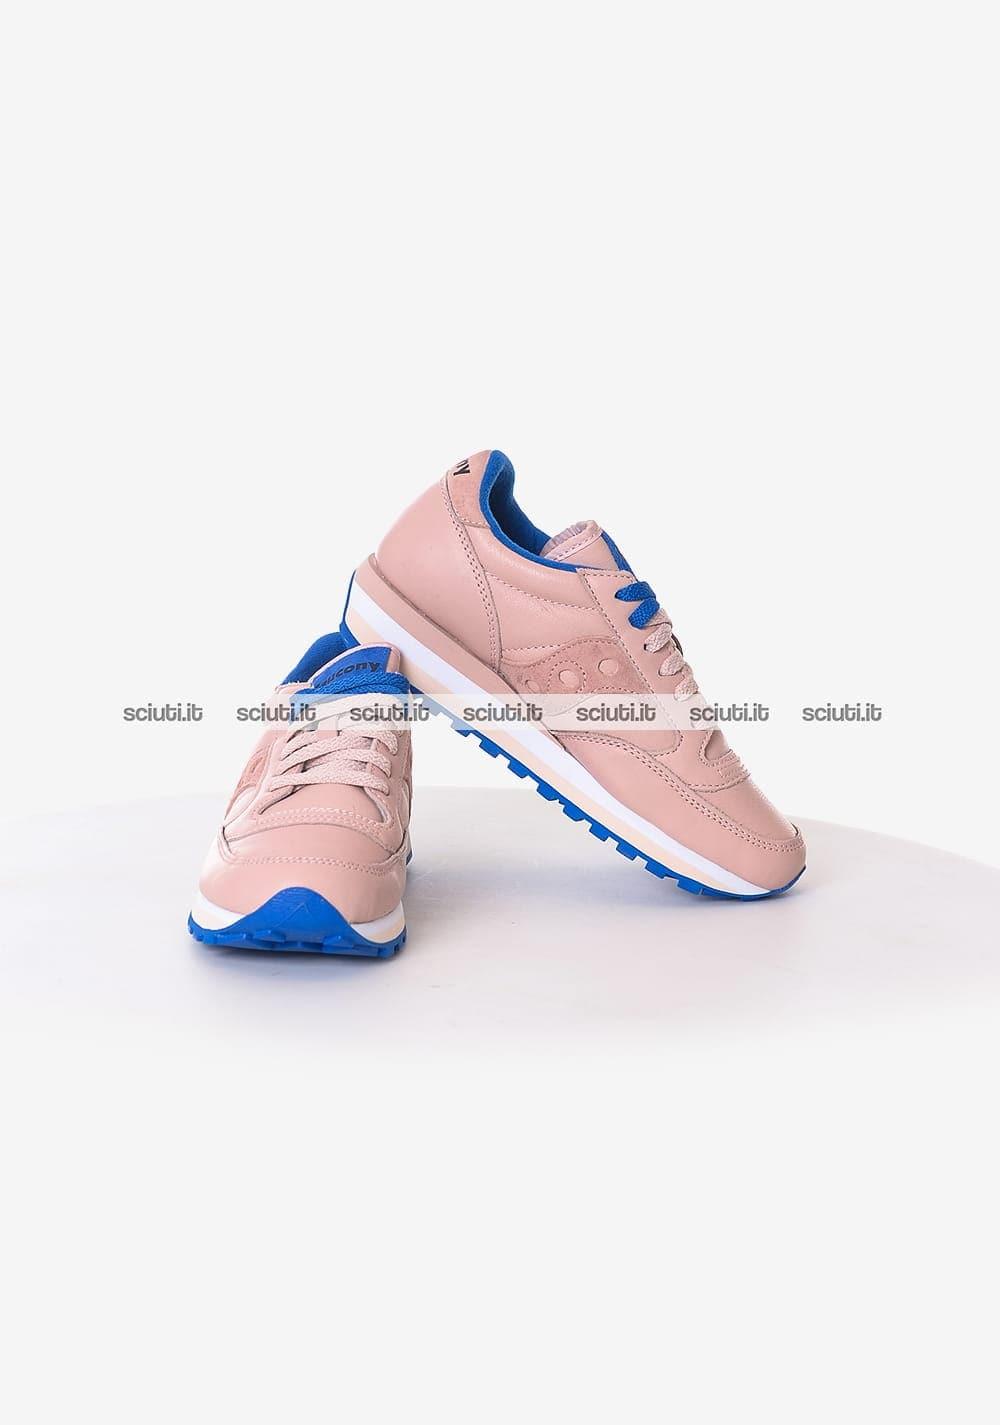 Scarpe Saucony donna Triple Limited Edition rosa blu | Sciuti.it